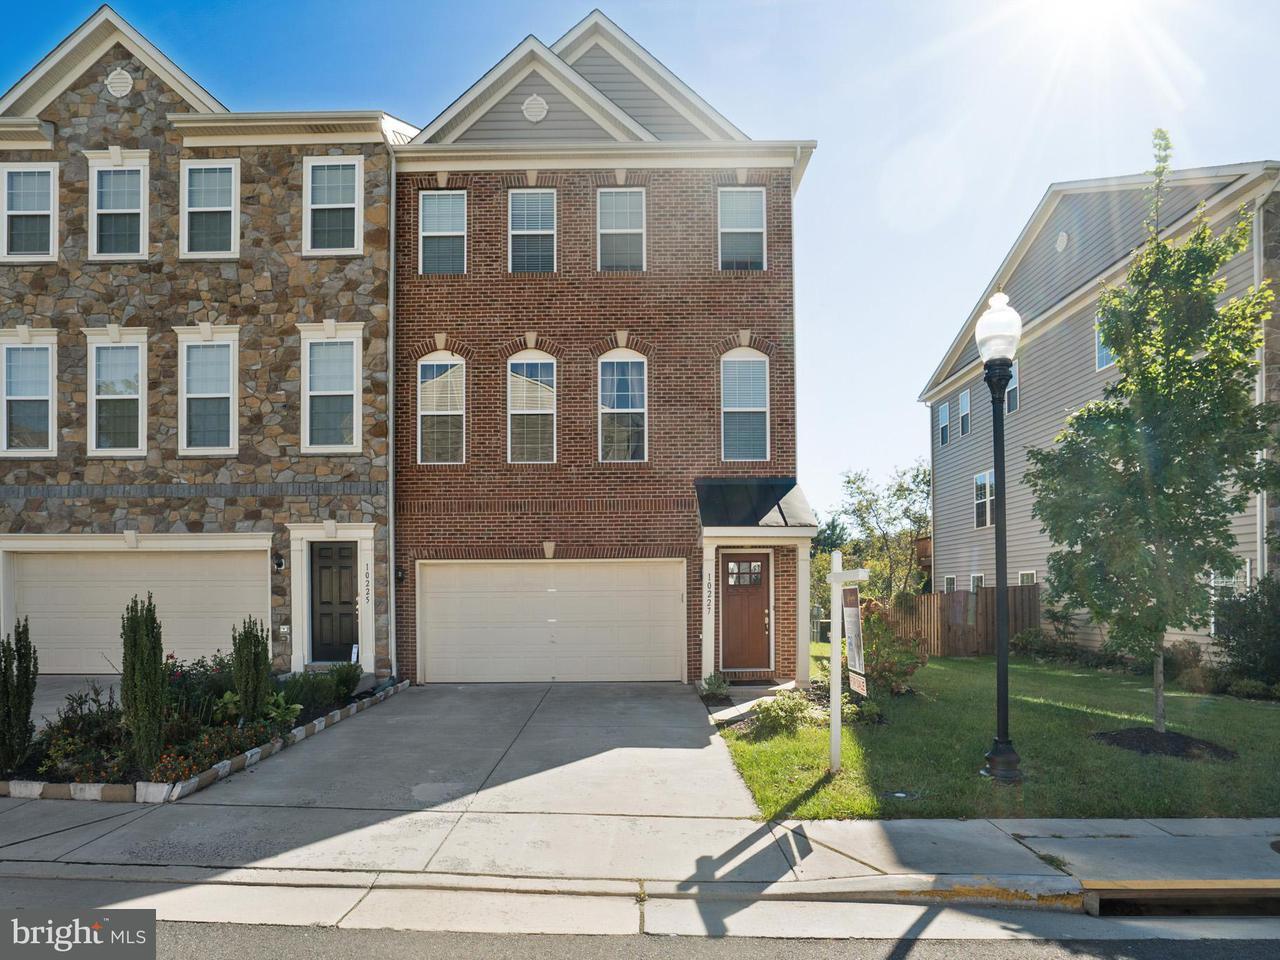 Σπίτι στην πόλη για την Πώληση στο 10227 FOUNTAIN Circle 10227 FOUNTAIN Circle Manassas, Βιρτζινια 20110 Ηνωμενεσ Πολιτειεσ